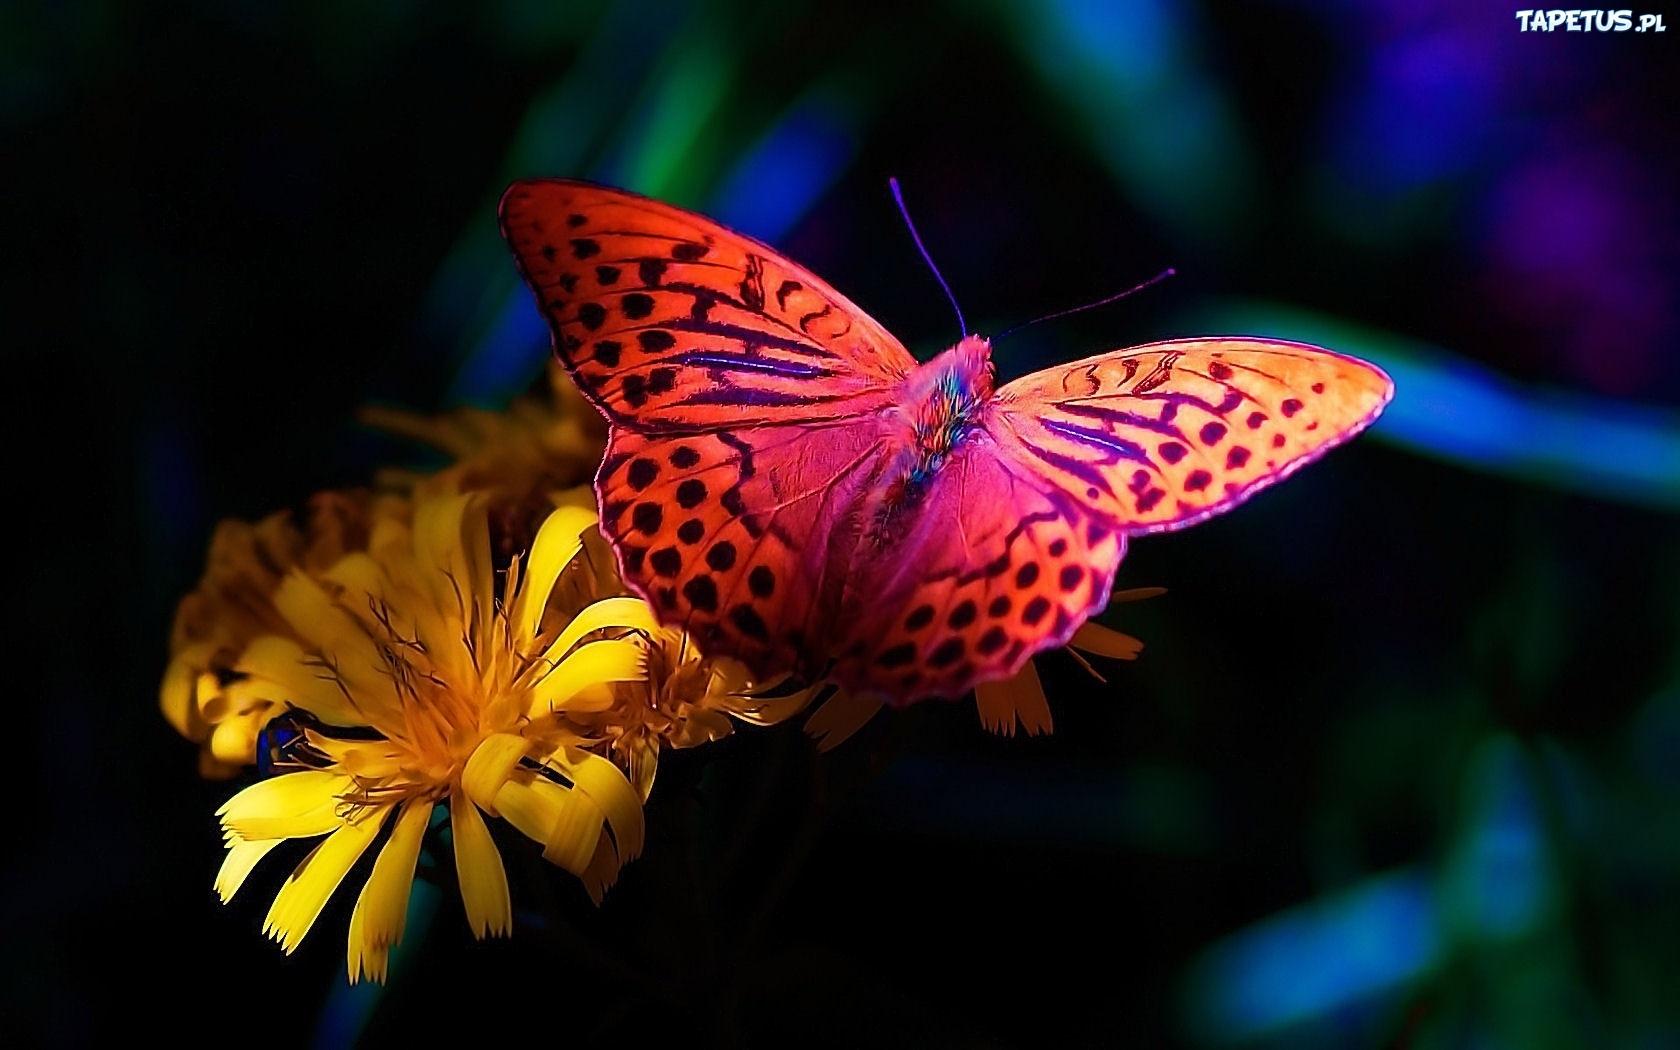 Motyl kolorowy kwiat - Home screen full hd wallpaper ...